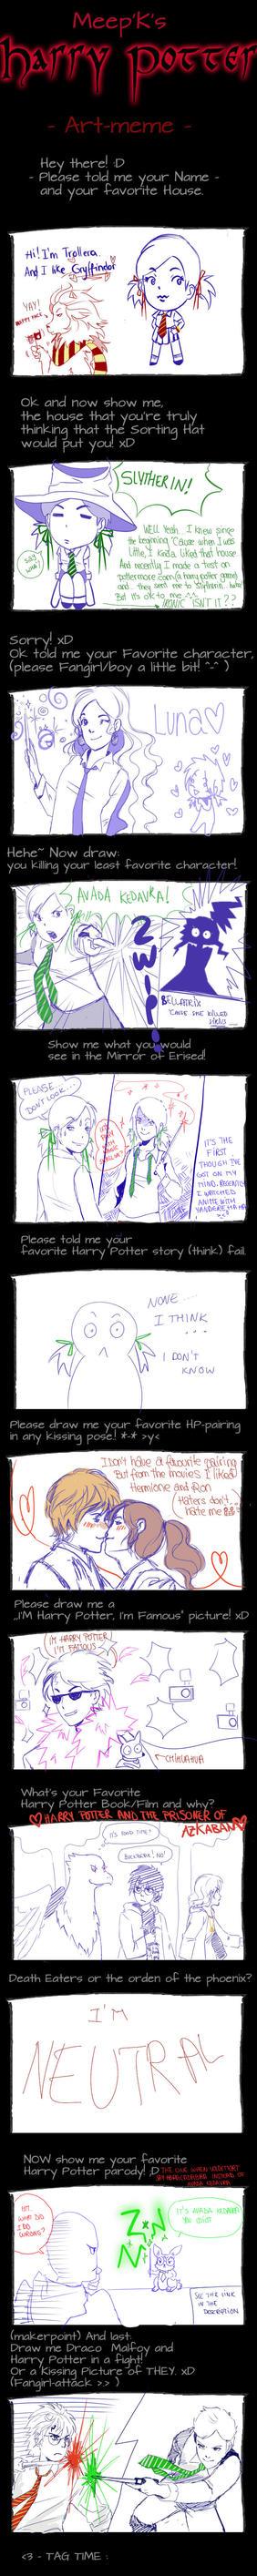 Harry Potter Meme by trollera